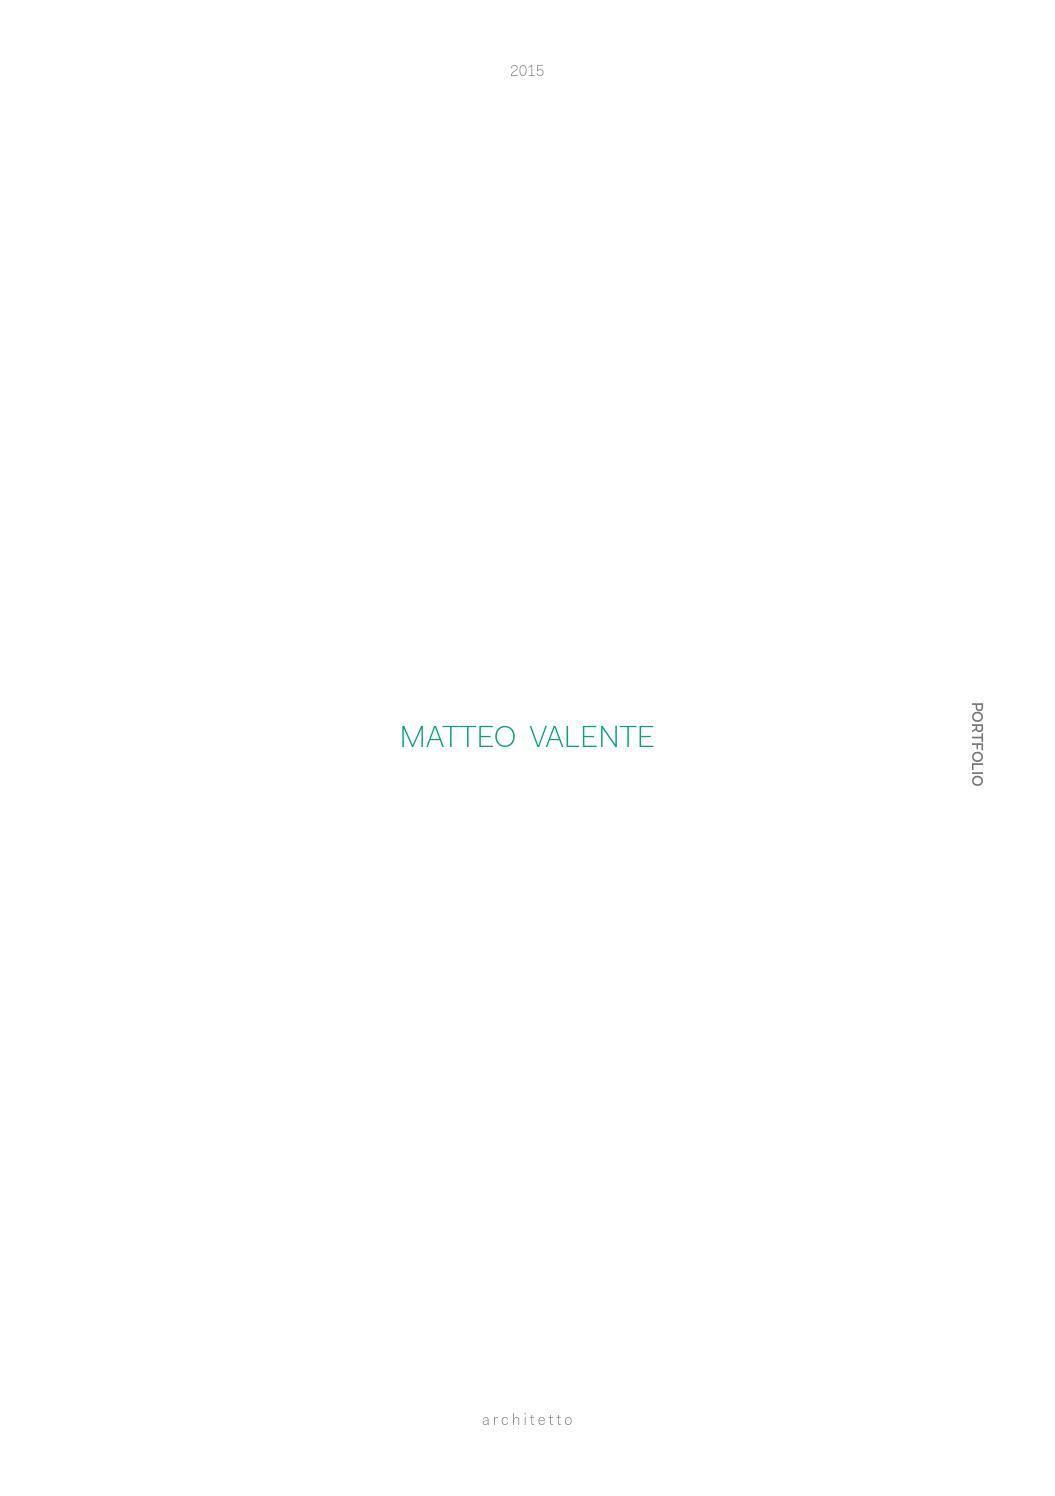 MatteoValente Portfolio By Matteo Valente Issuu